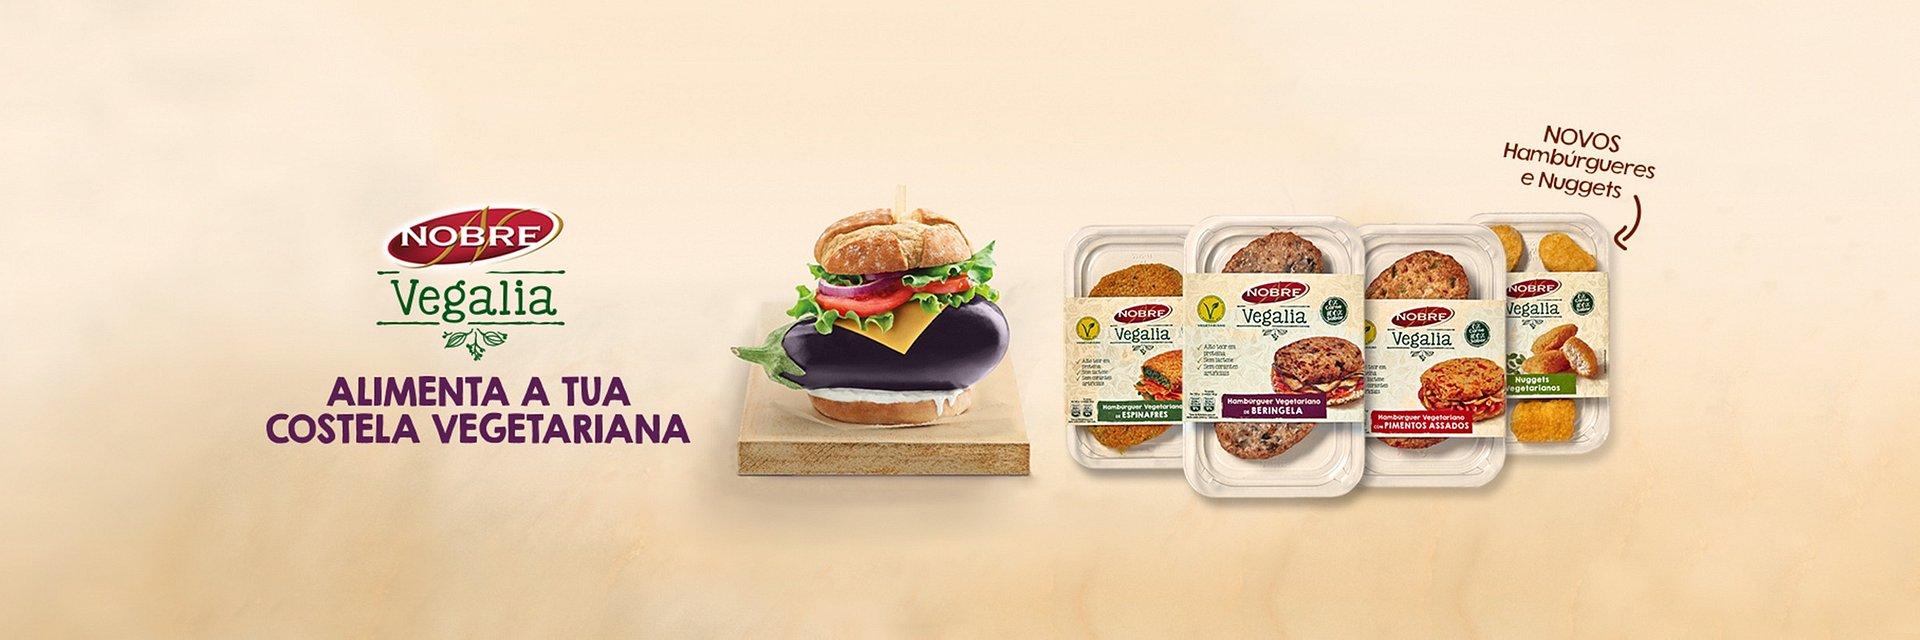 Nobre Vegalia lança novos produtos